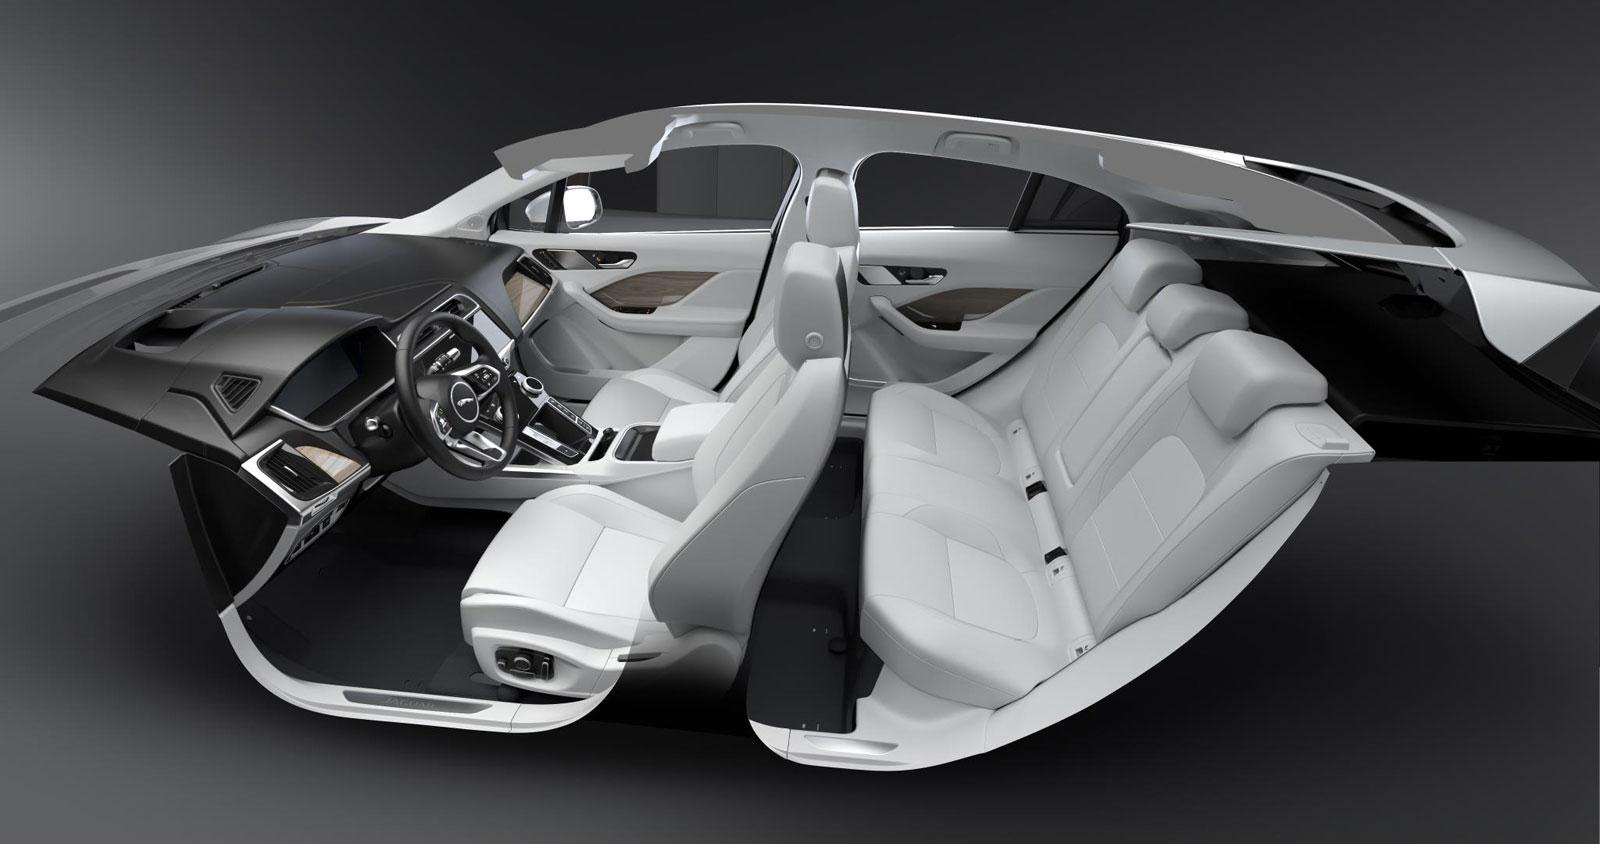 Jaguar I Pace Interior Design Render Car Body Design